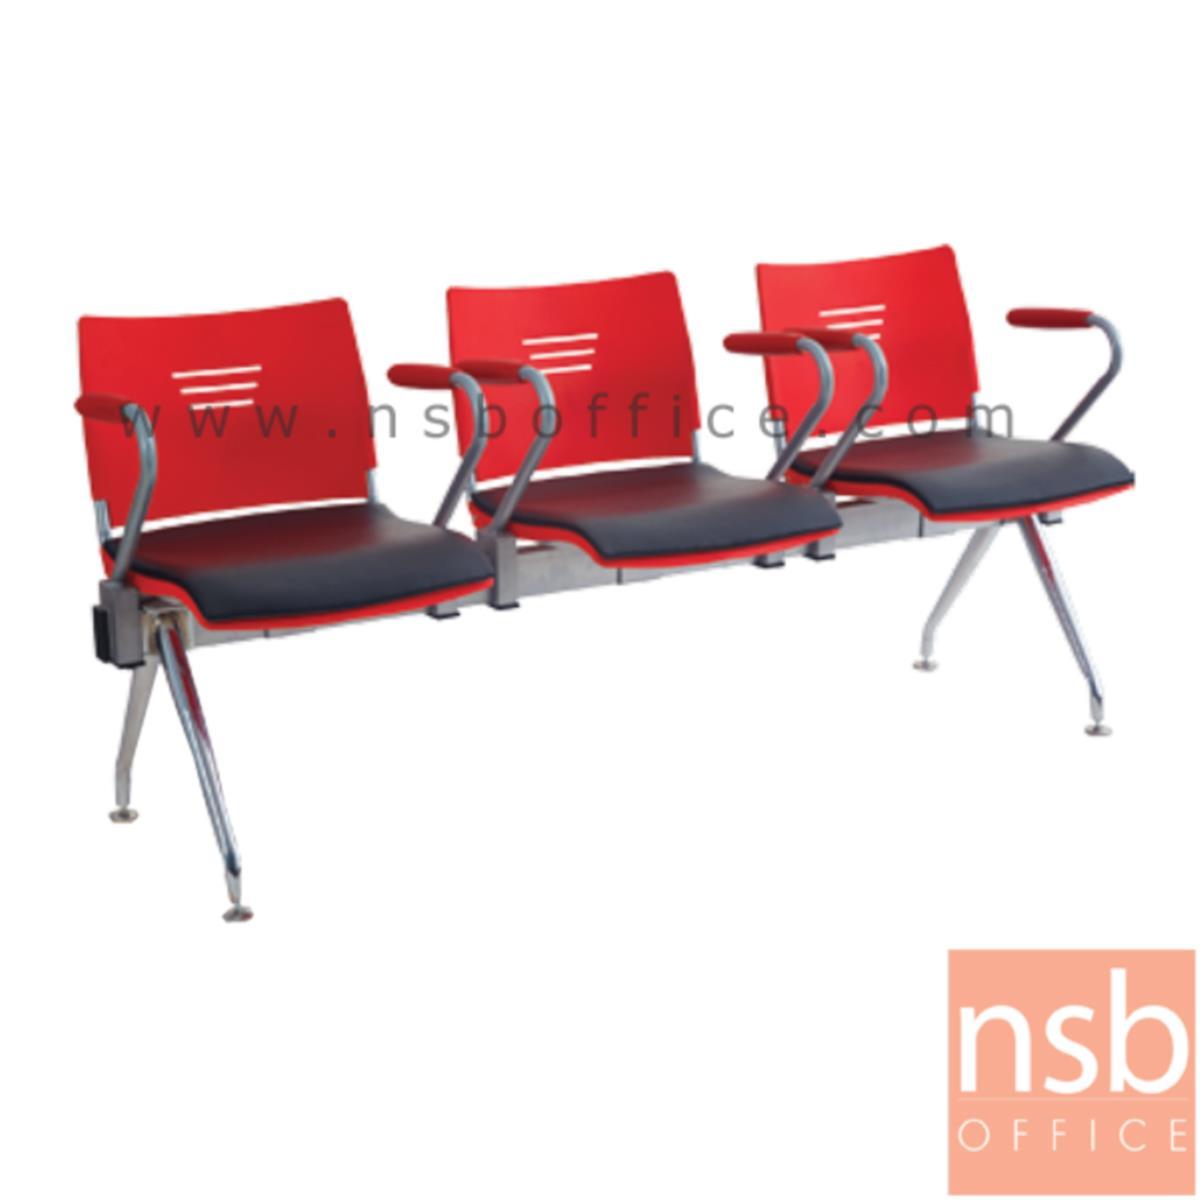 B06A112:เก้าอี้นั่งคอยเฟรมโพลี่หุ้มเบาะ รุ่น Remy (เรมี่) 2 ,3 ,4 ที่นั่ง ขนาด 112W ,171W ,228W cm. ขาเหล็ก